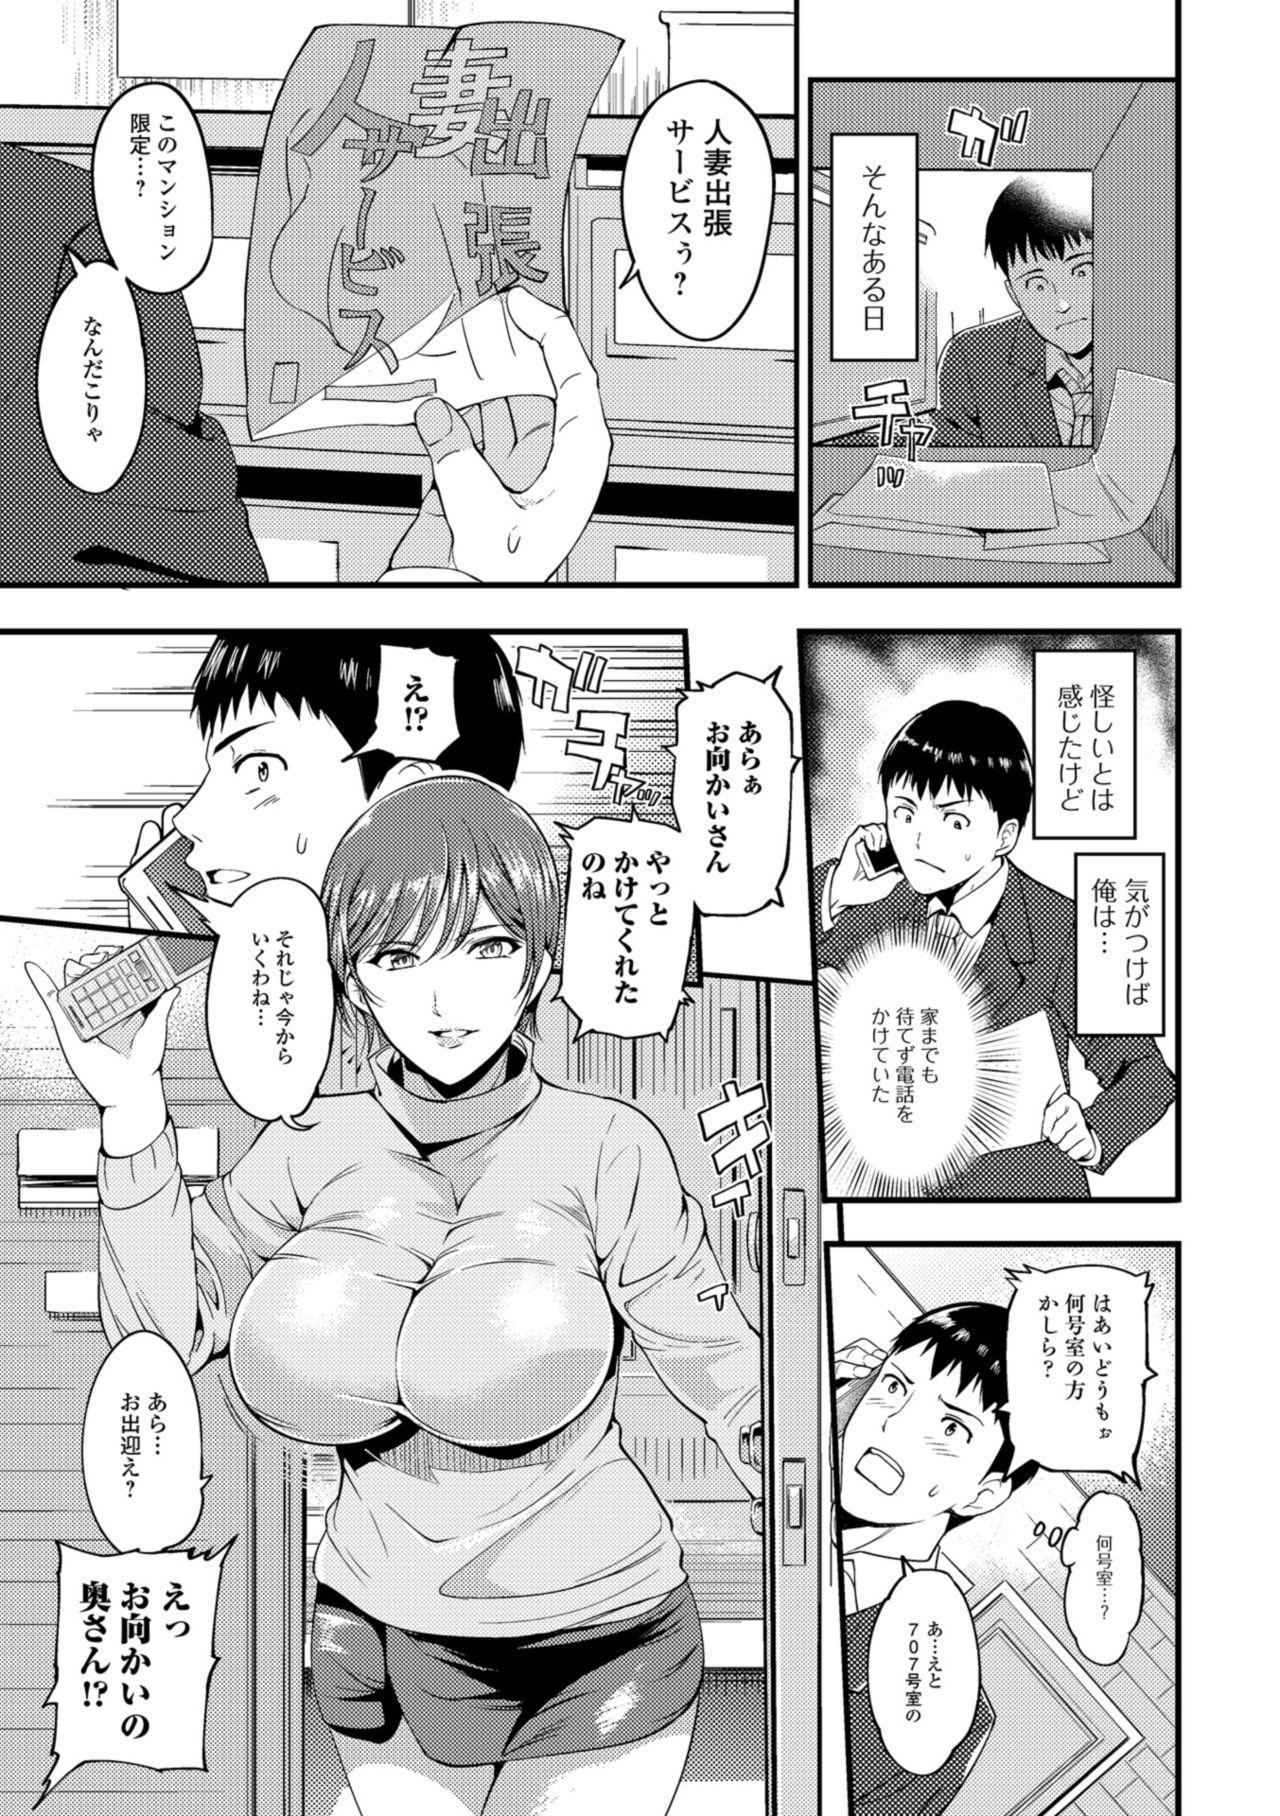 Oku-san ga Shiranai Kairaku 20